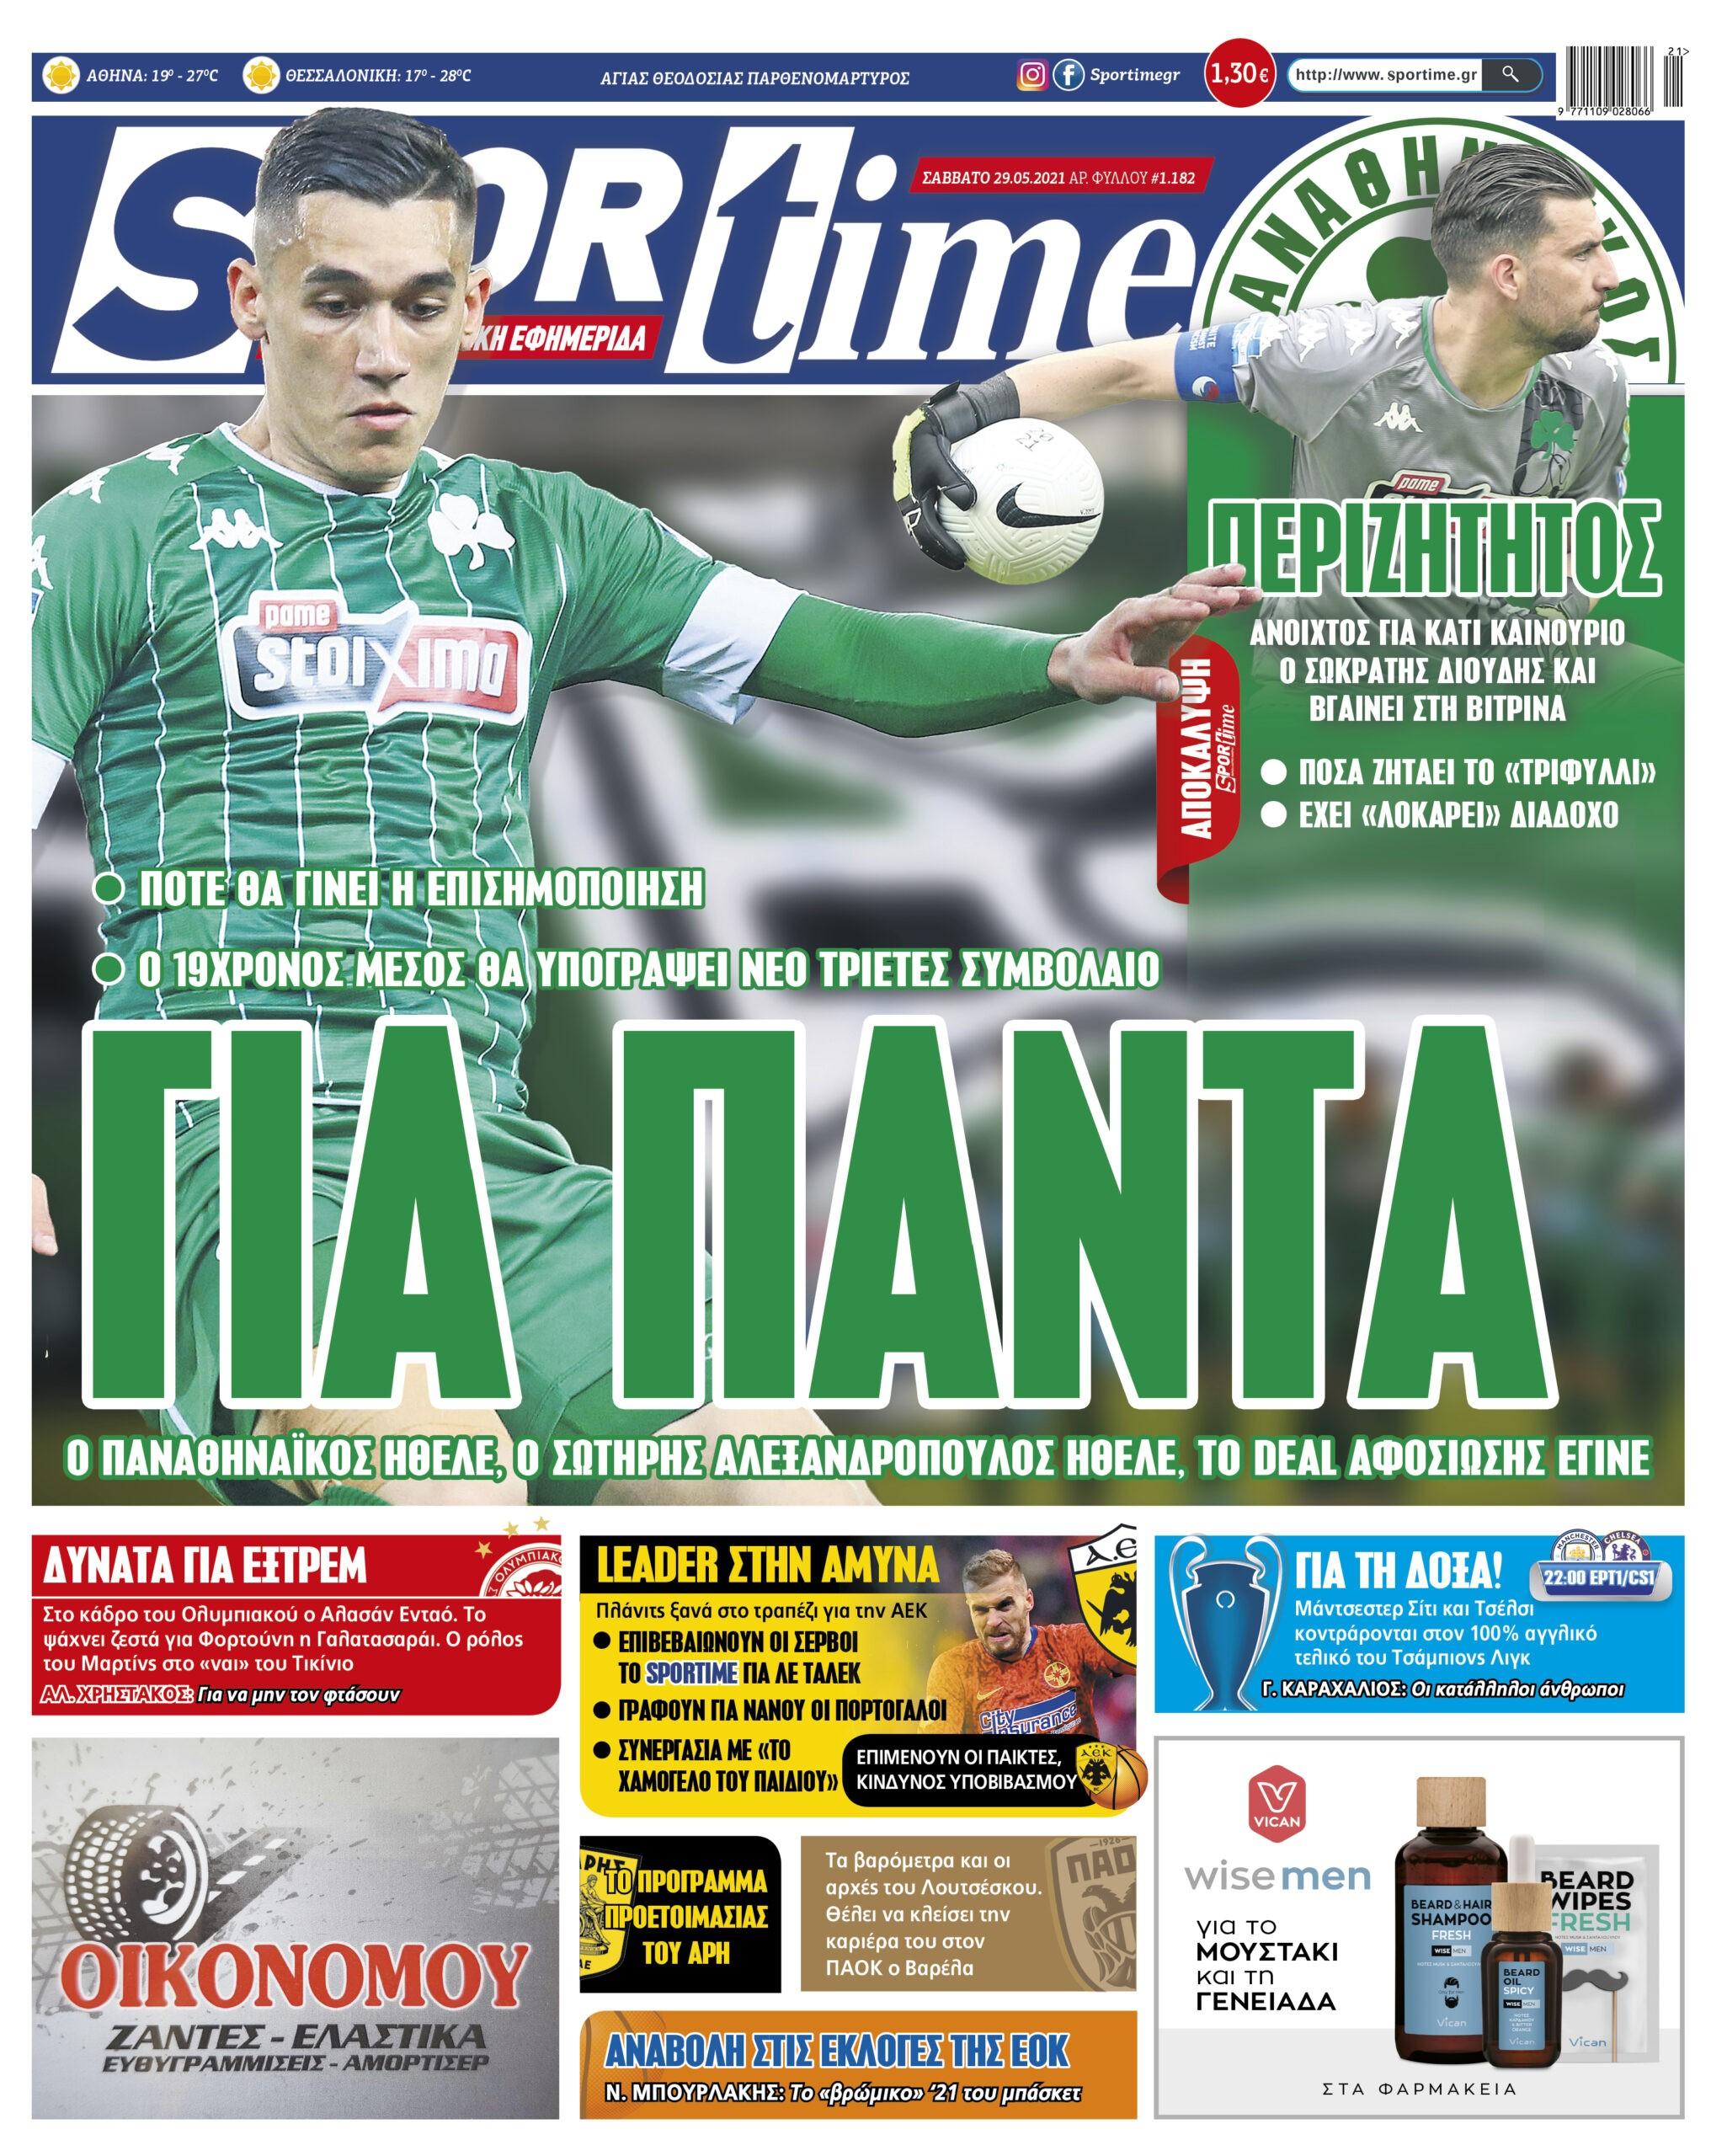 Εφημερίδα SPORTIME - Εξώφυλλο φύλλου 29/5/2021